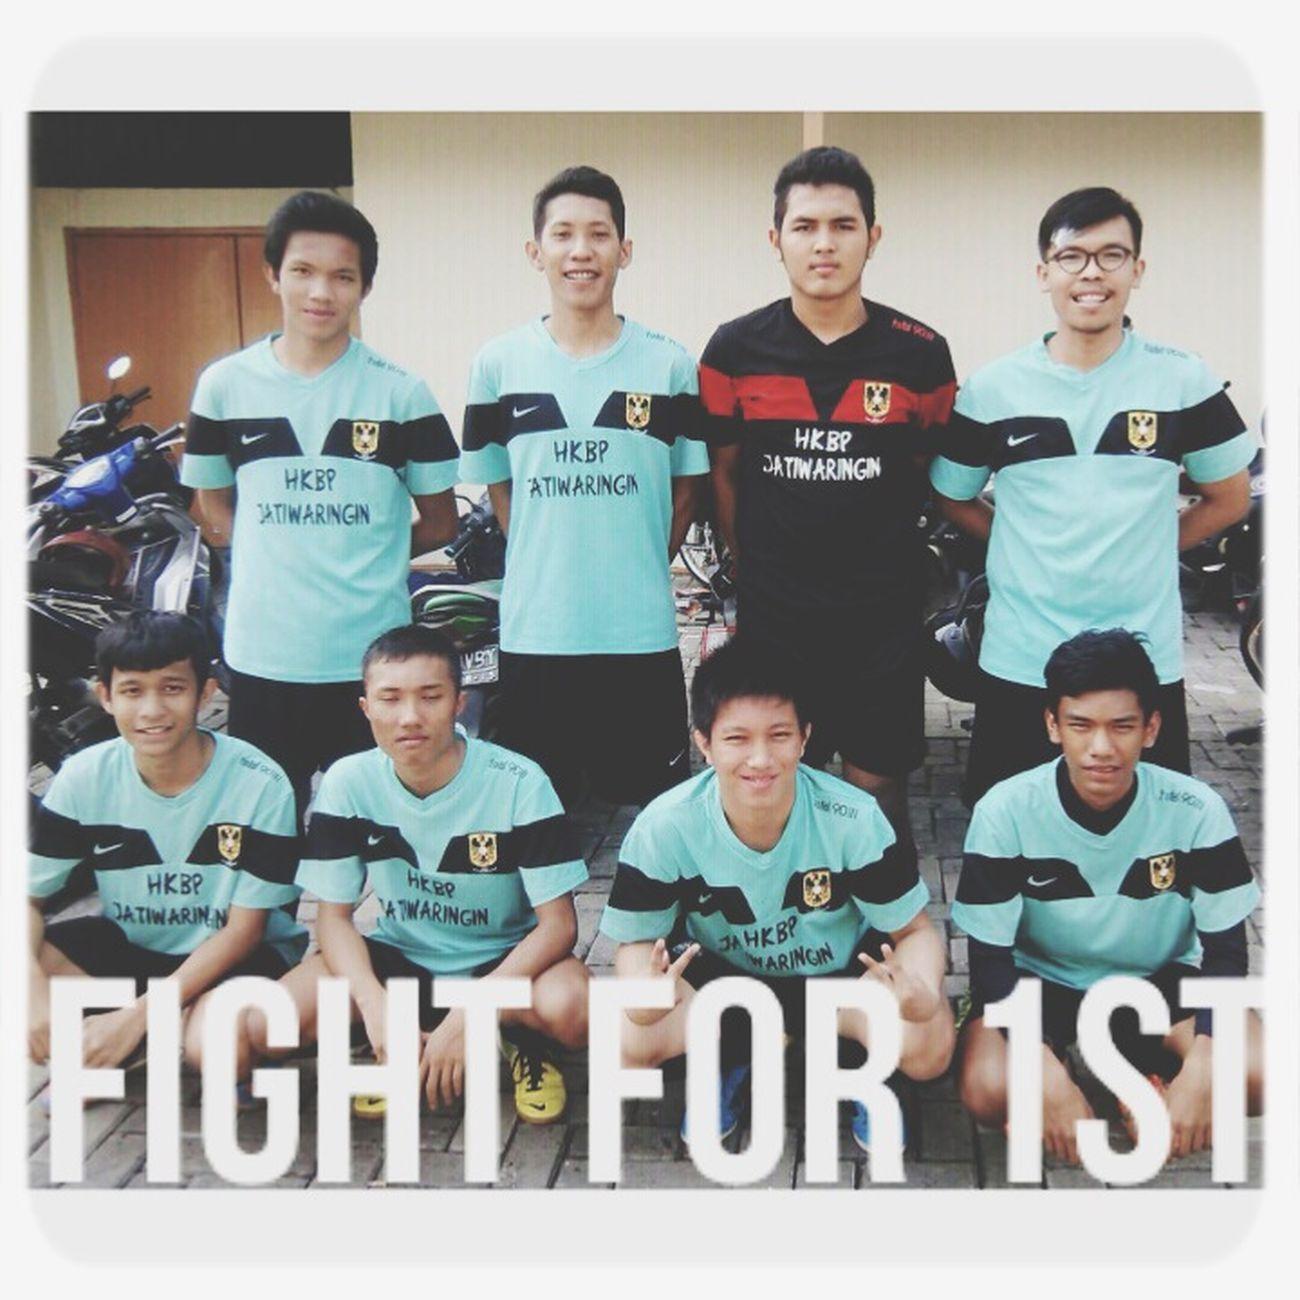 Futsal Team Hkbp jatiwaringin Fun